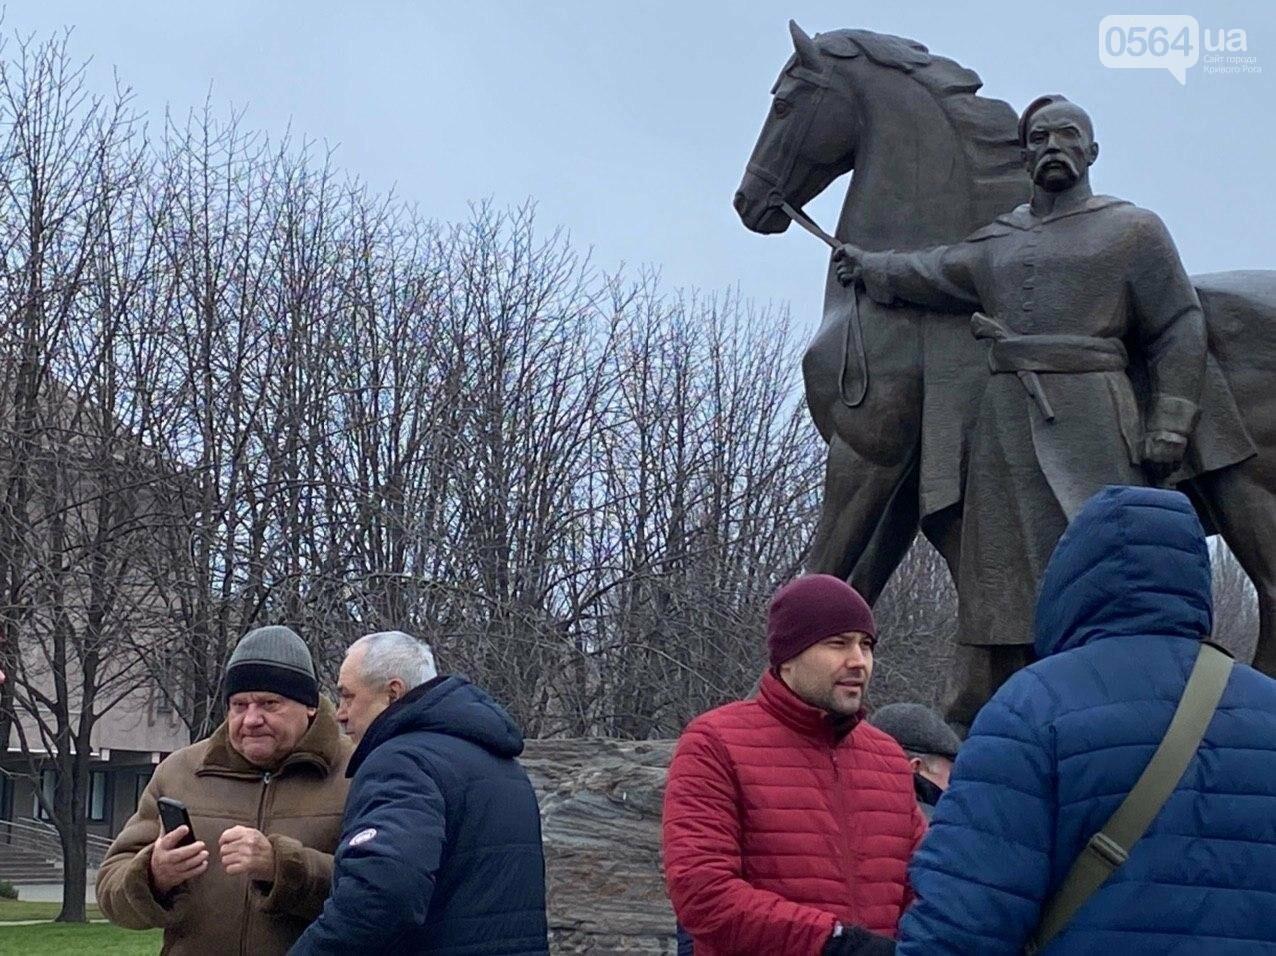 Криворожане записали видеообращение к земляку-президенту и рассказали, как ему убивают рейтинги в городе, - ФОТО, ВИДЕО , фото-11